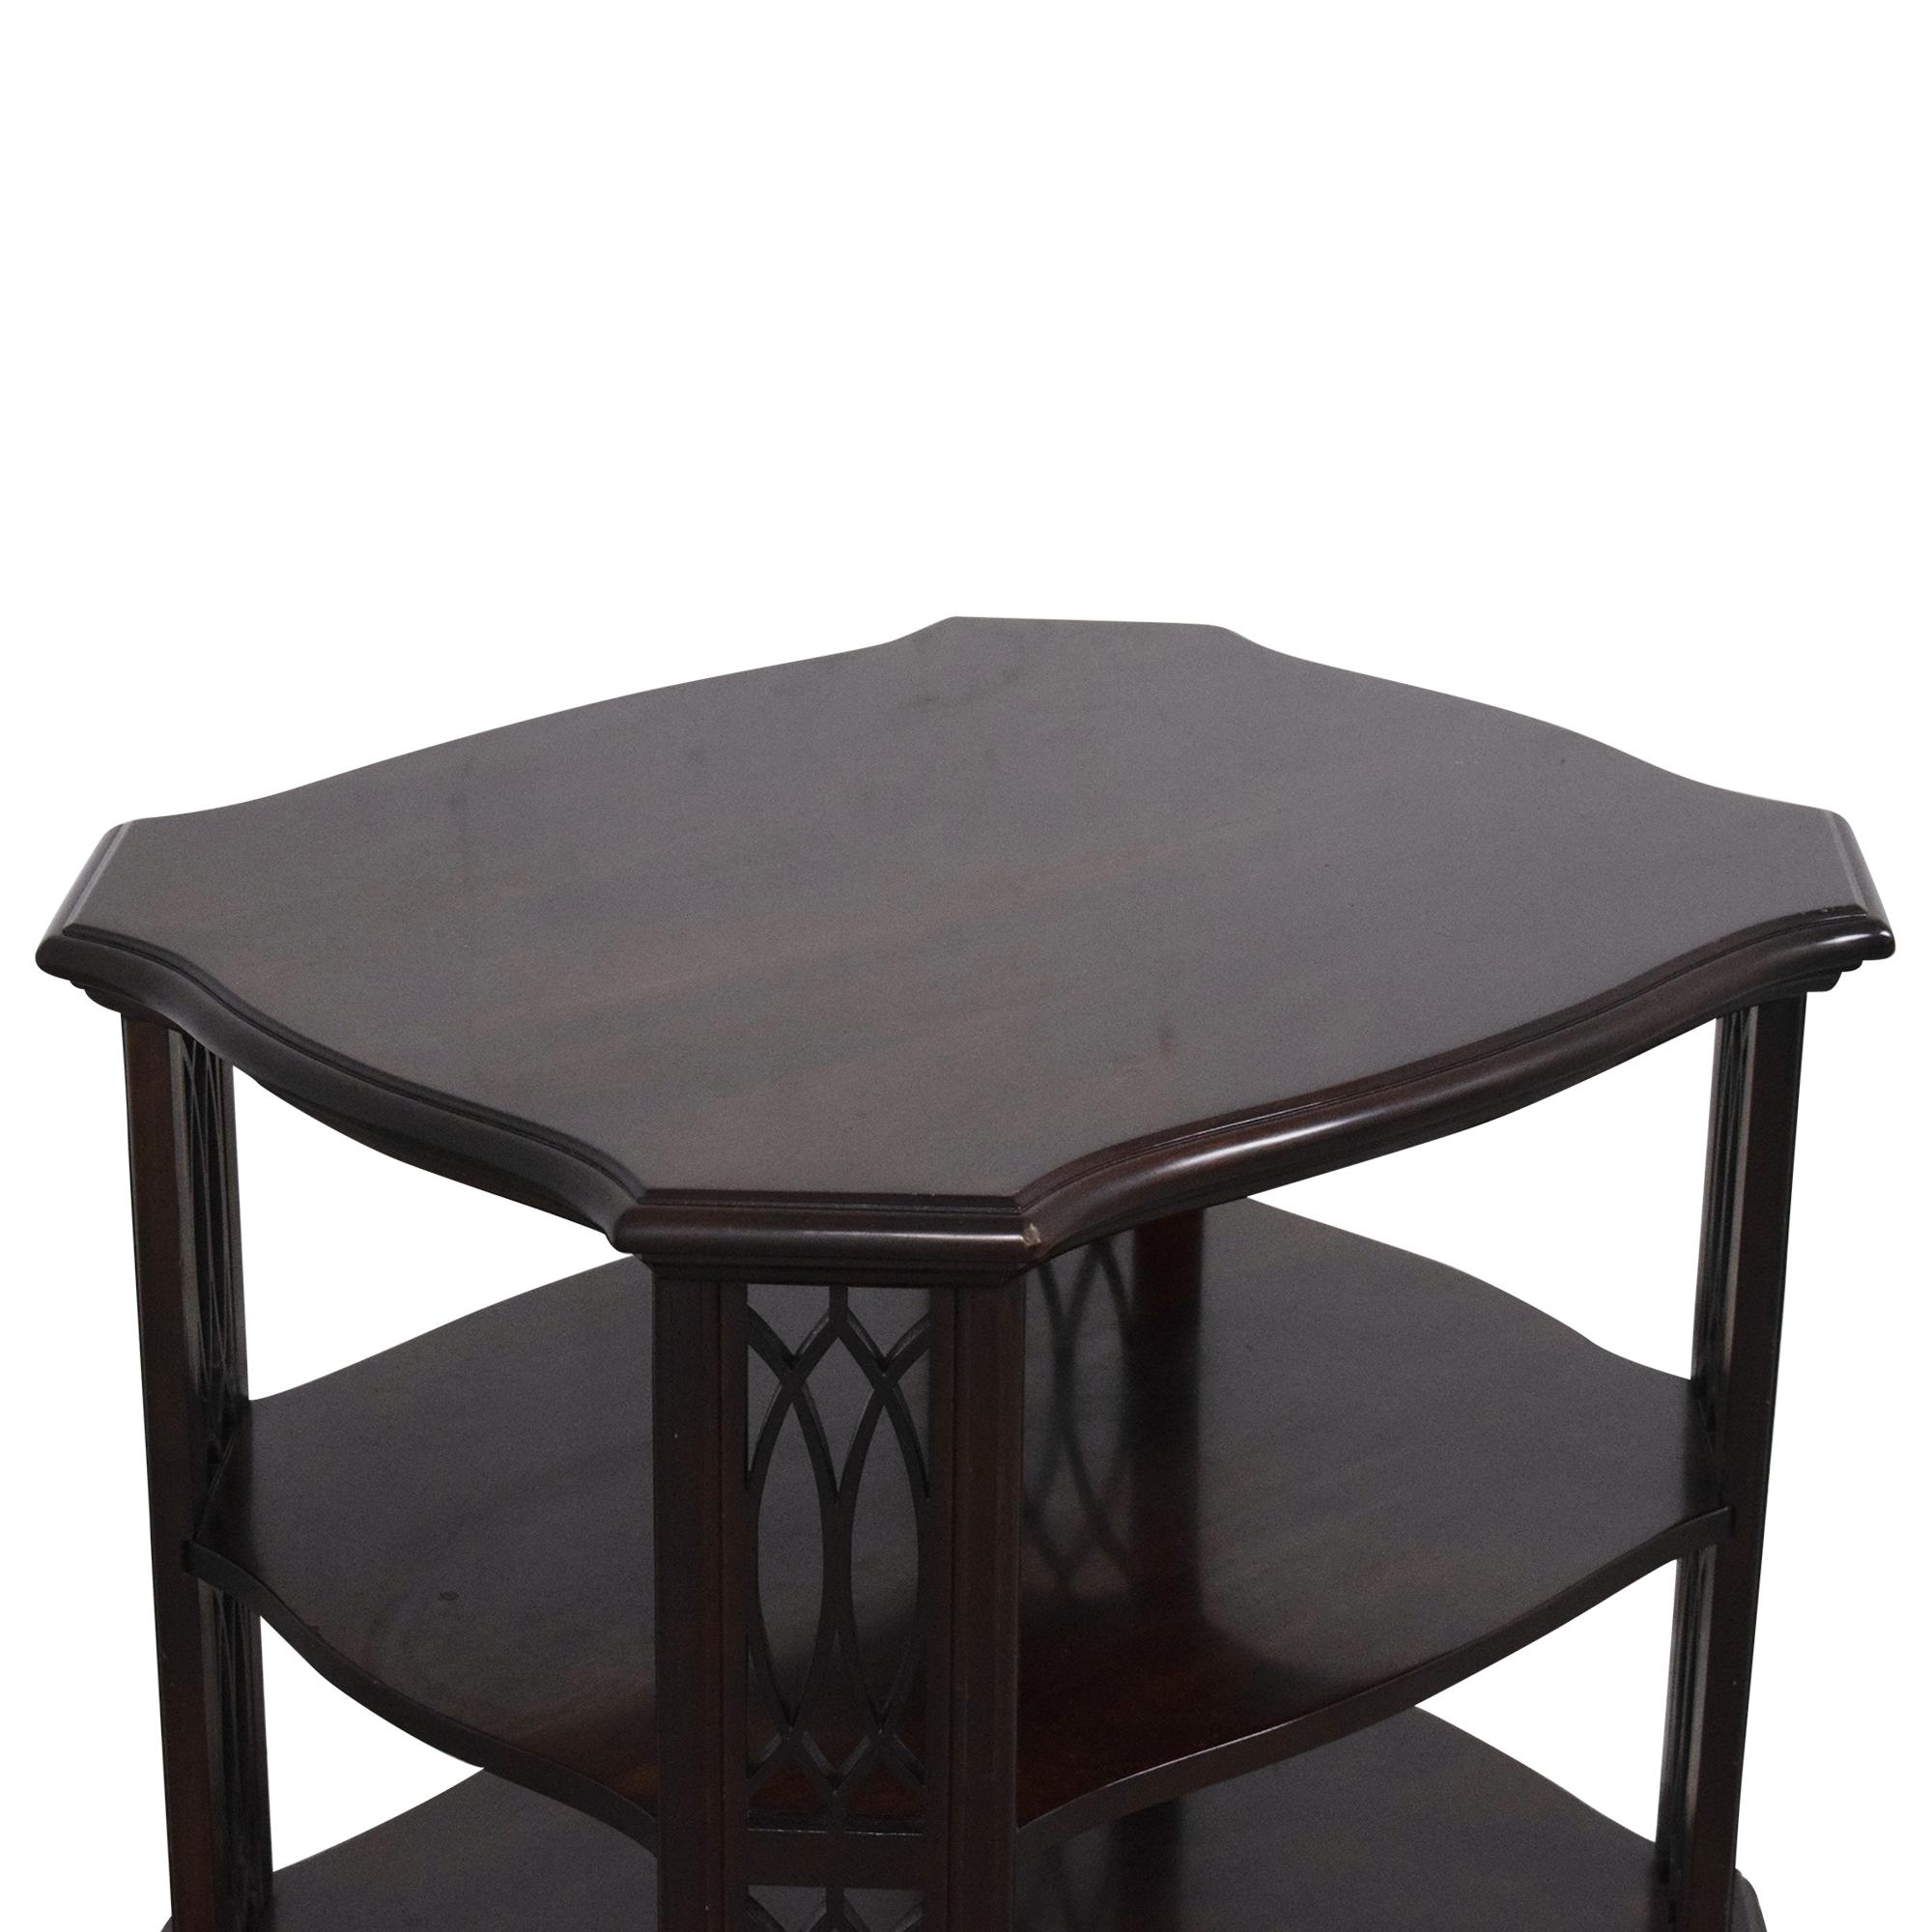 buy Stickley Furniture Stickley Furniture End Table online